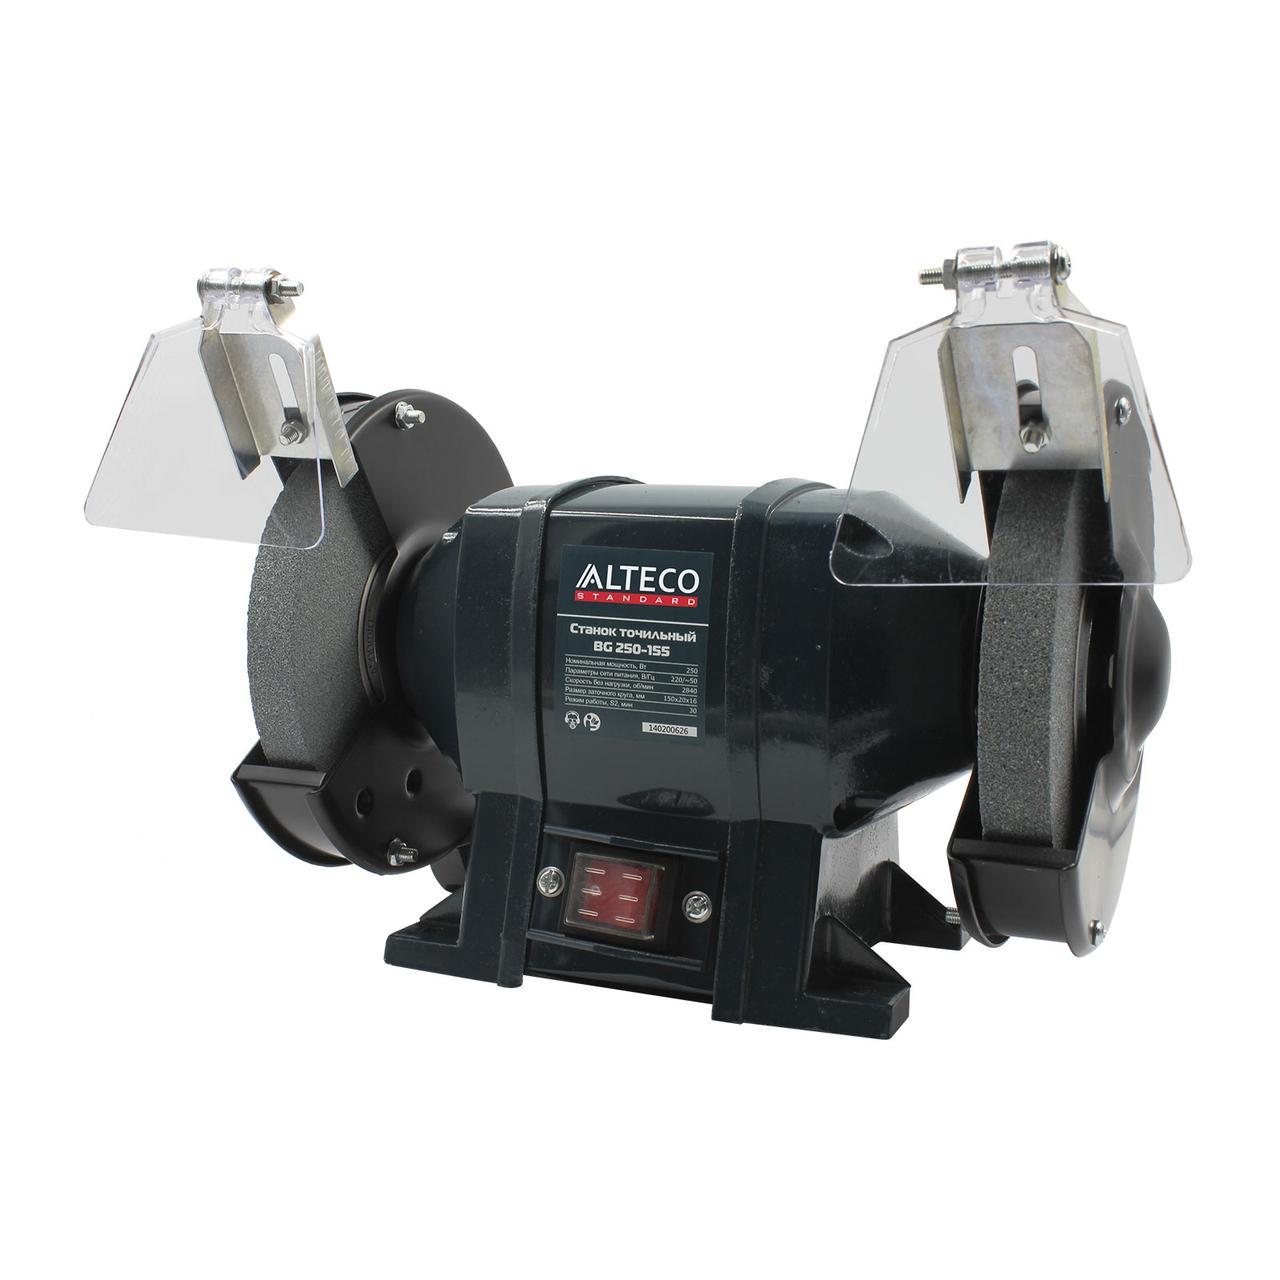 ALTECO BG 150-125 Станок точильный